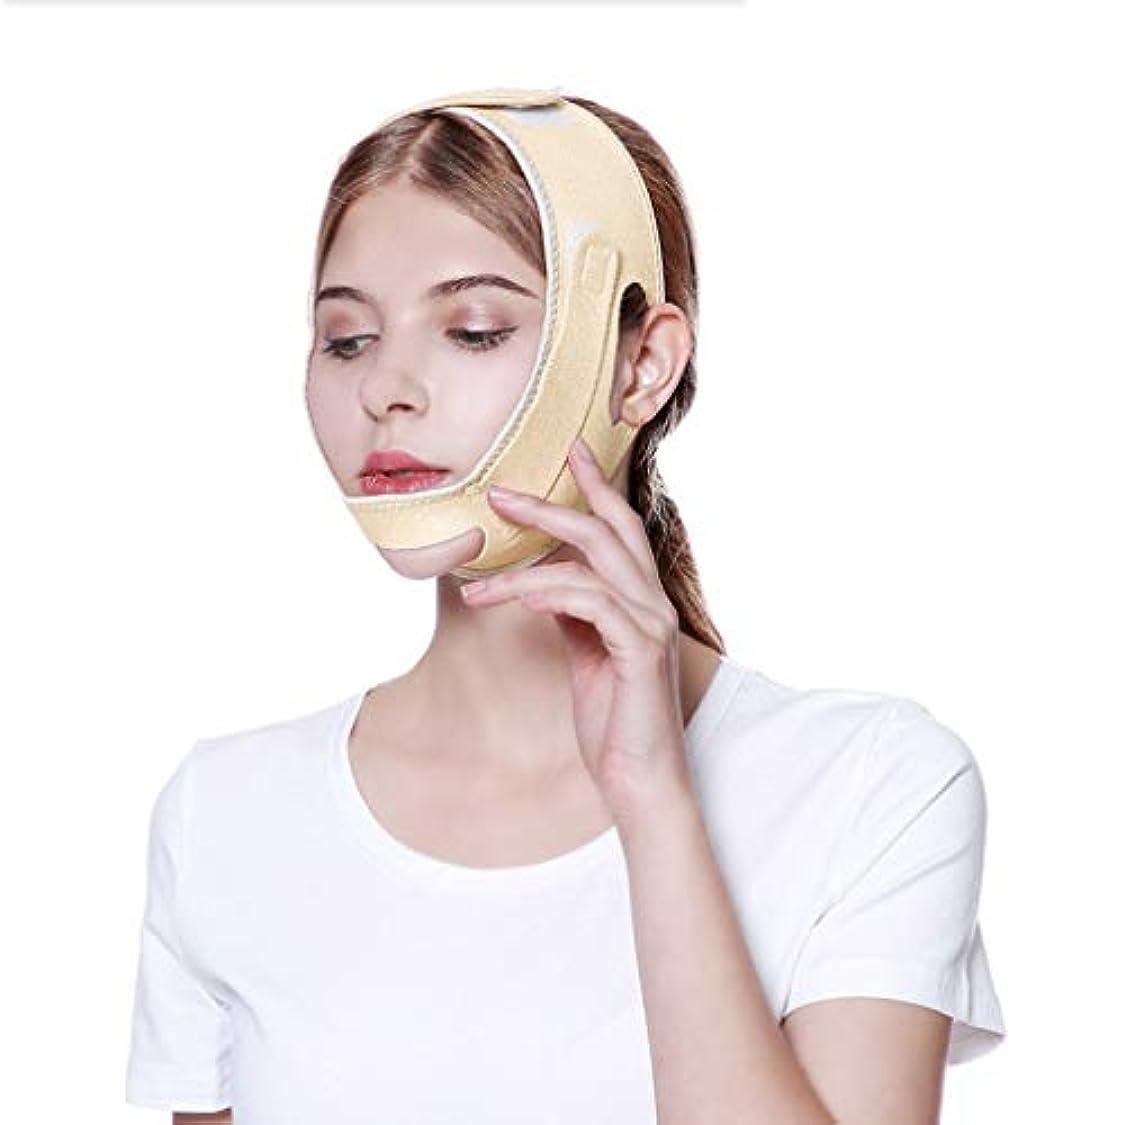 見出し柔らかい足適合しました顔面重量損失顔包帯 v 顔楽器顔ツールマスクライン彫刻手術回復ヘッドギアダブルあご